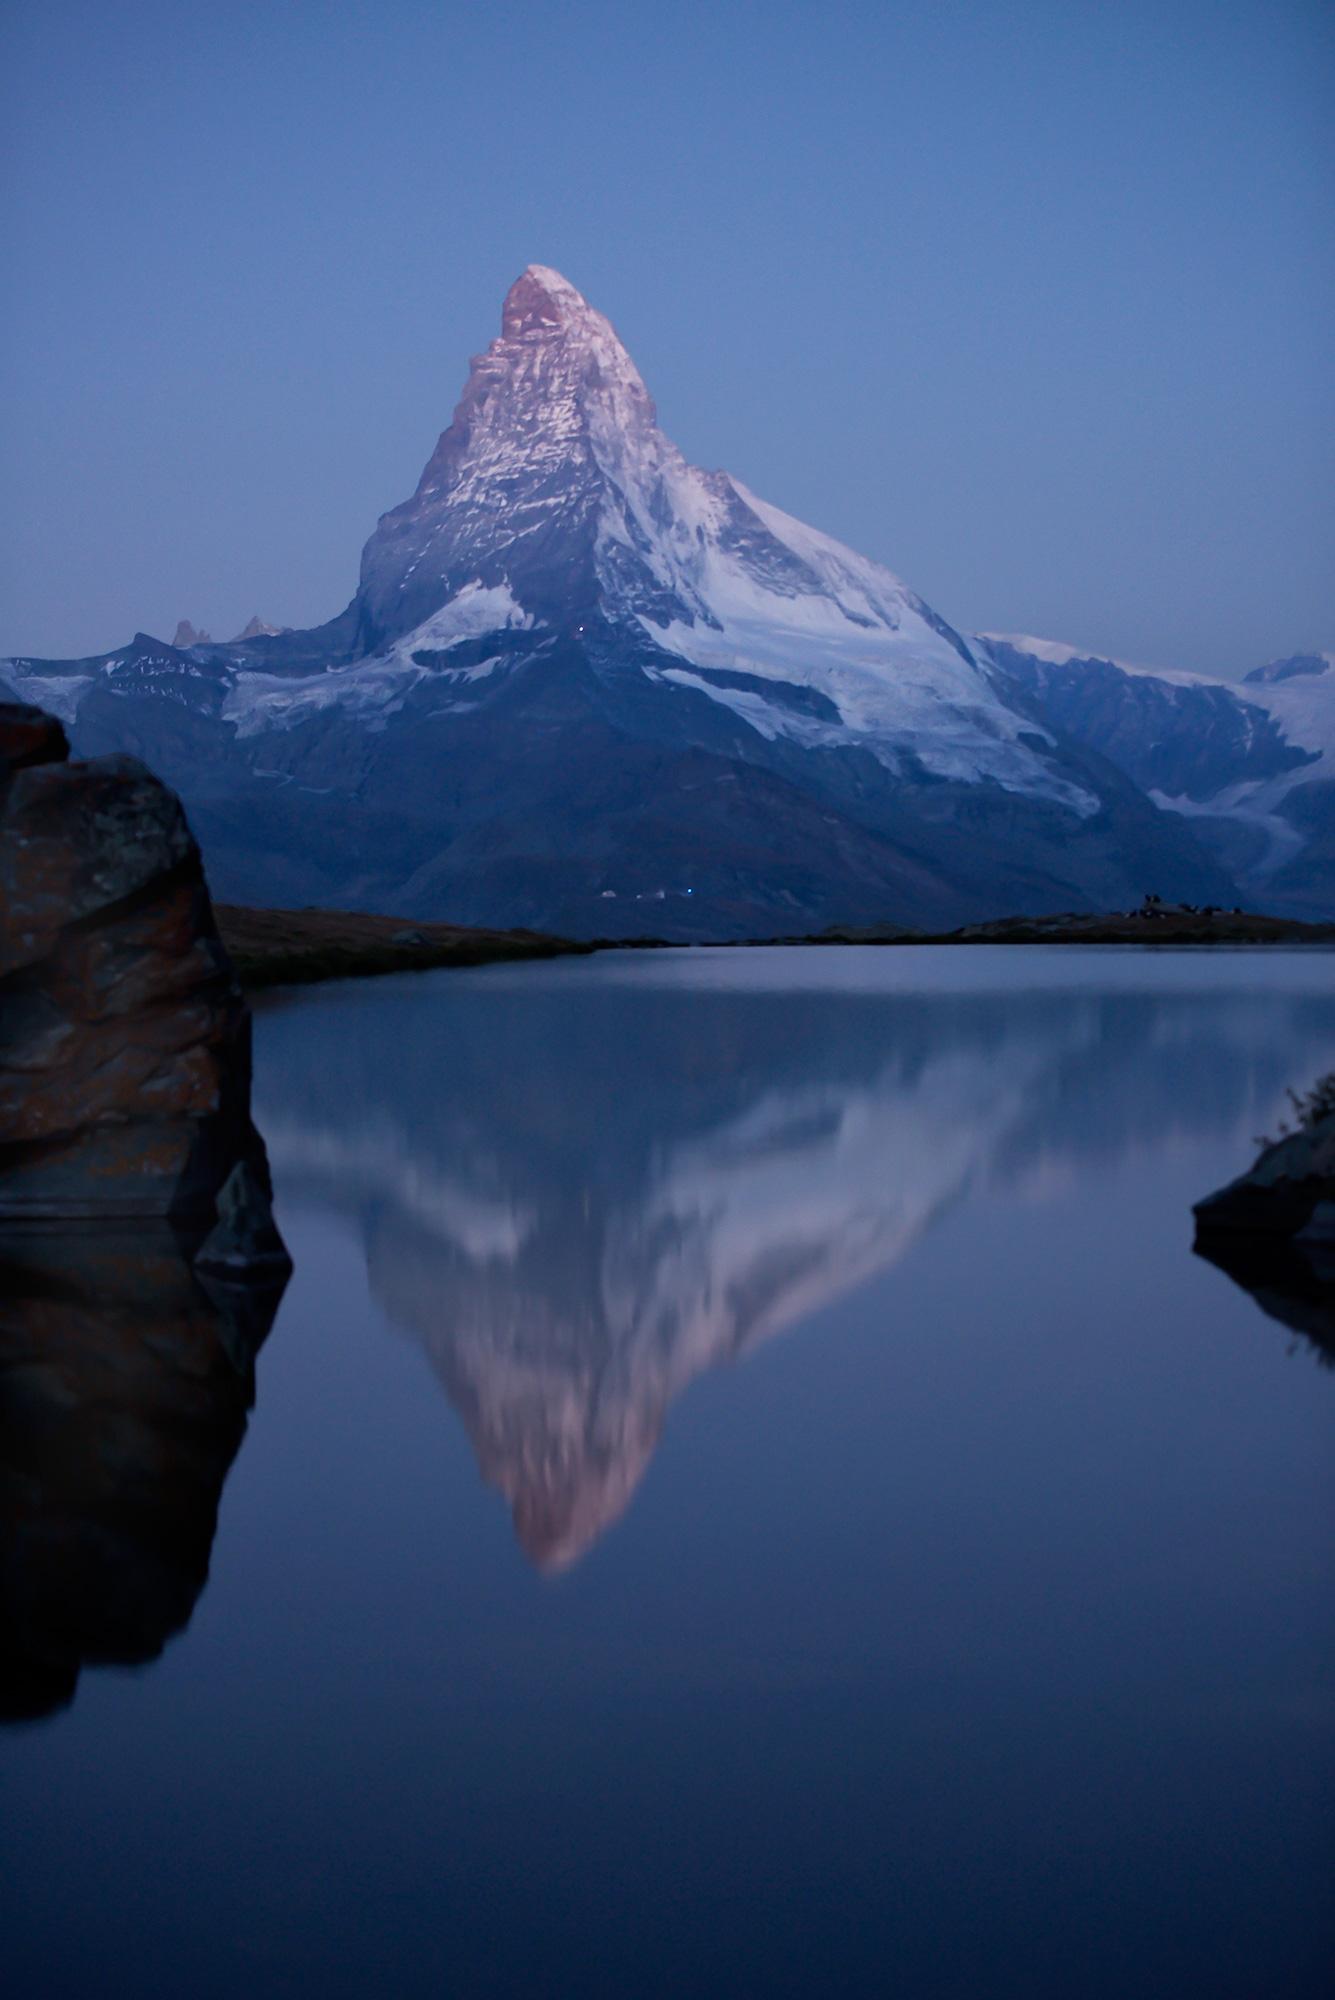 Stellisee, Matterhorn, Zermatt, Switzerland